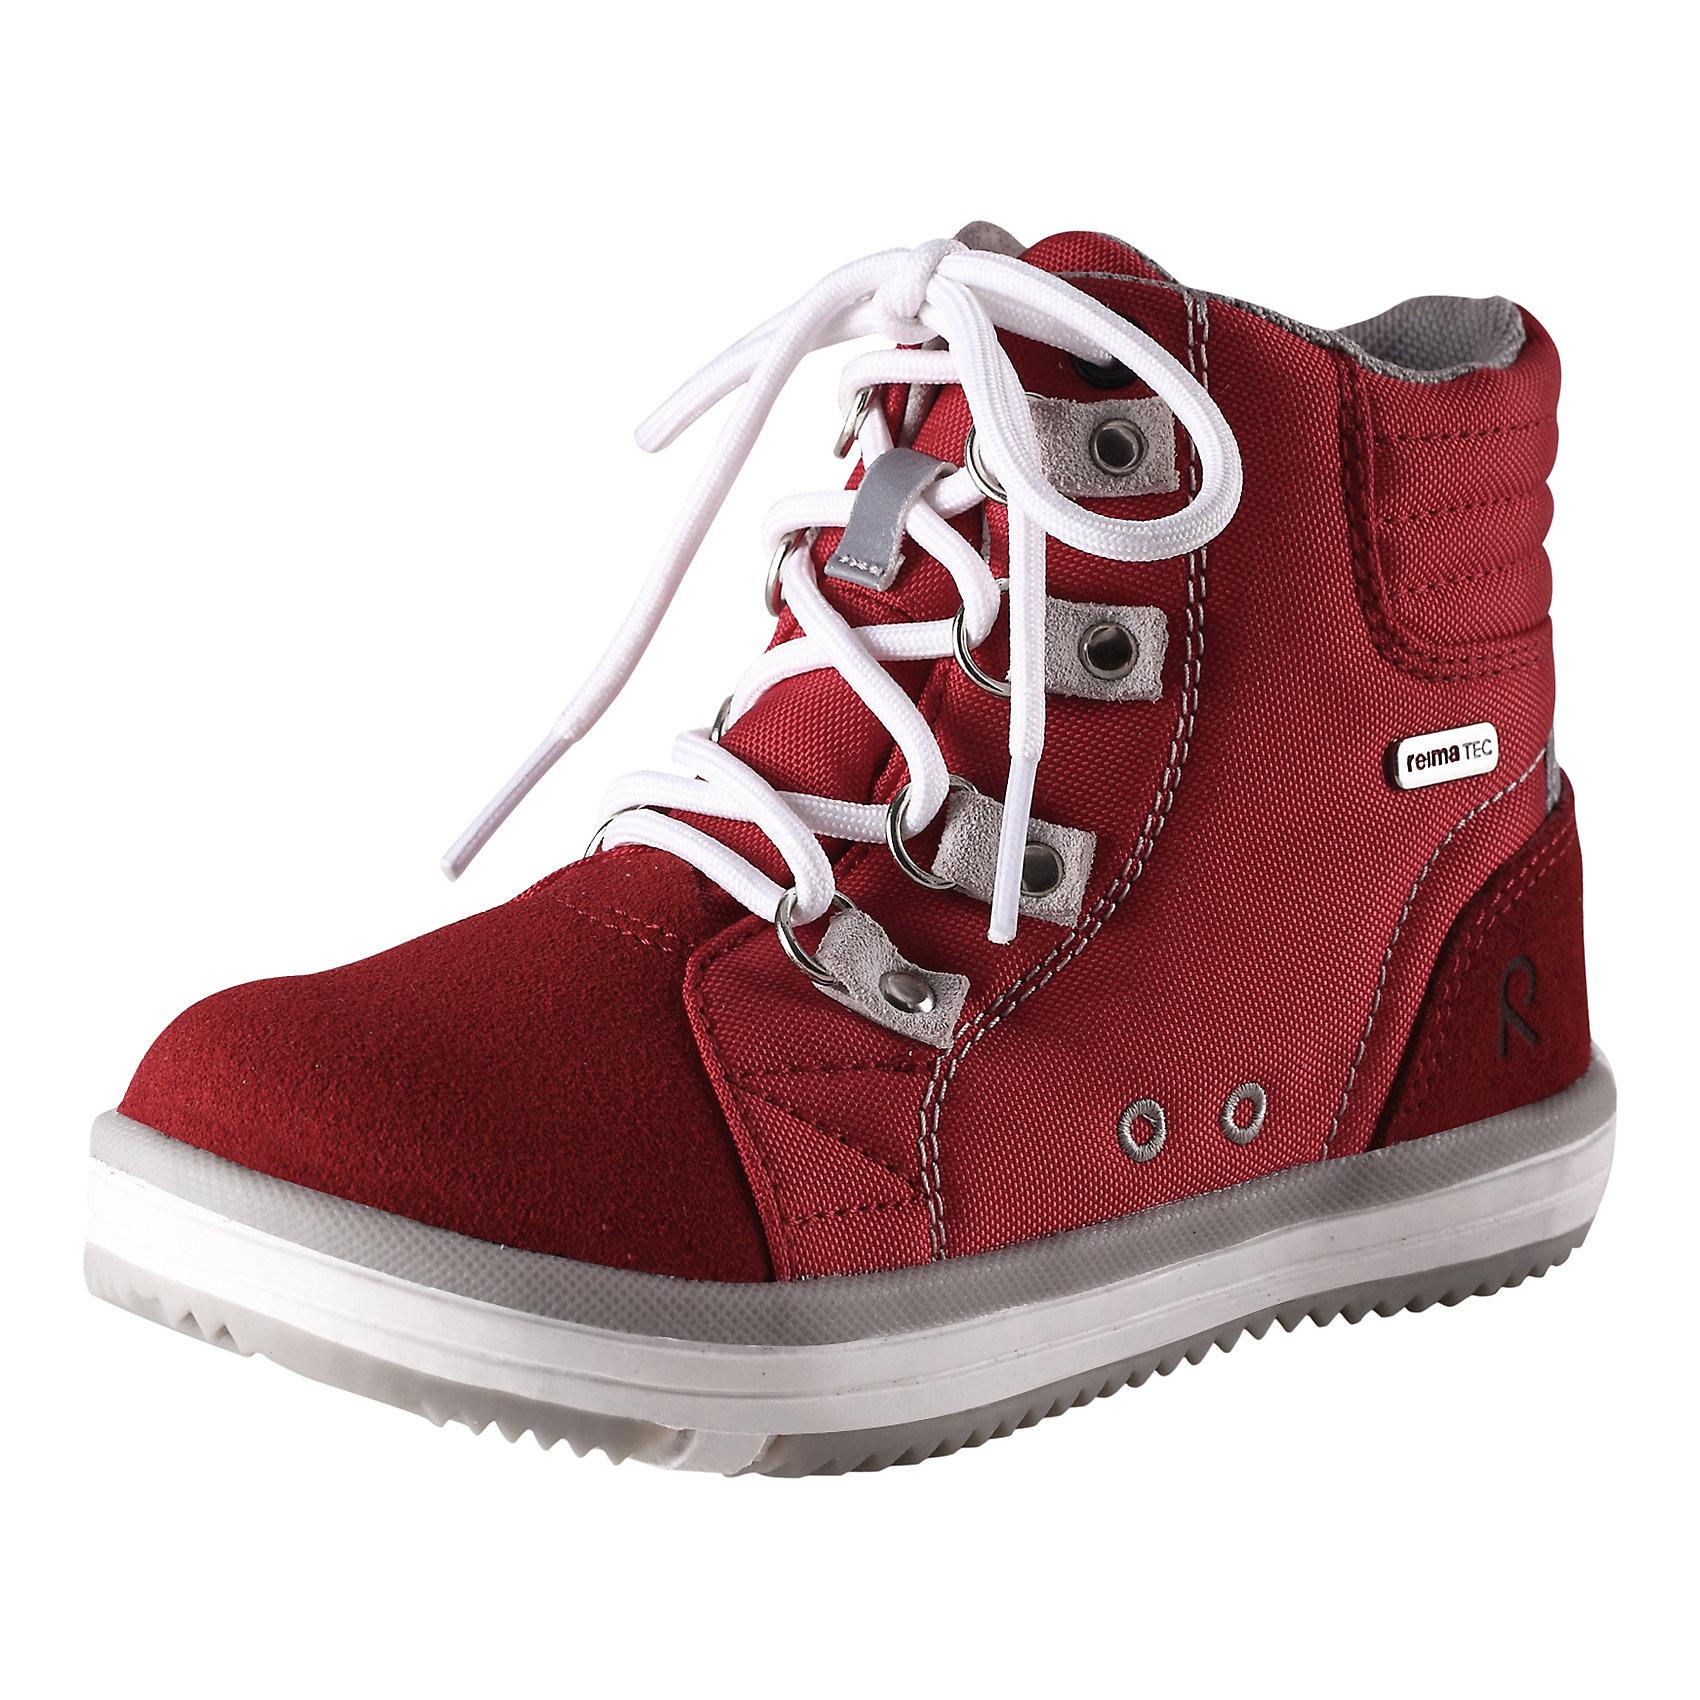 Ботинки Wetter Reimatec ReimaКлассика - водонепроницаемые кроссовки Reimatec®! Верхняя часть изготовлена из гибкого полиамида, носовая и задняя части усилены замшем из коровьей кожи. Яркие сочные расцветки прекрасно комбинируются с различной верхней одеждой и аксессуарами Reima®. К обуви идут в наборе две пары шнурков – в добавок к обычным обувным шнуркам вы можете попробовать новые, эластичные шнурки, быстрые и удобные в использовании! Обувь снабжена уникальными съемными стельками Reima с принтом Happy Fit, которые помогают правильно определить размер.<br><br>Дополнительная информация:<br><br>Кроссовки для детей<br>Водонепроницаемая демисезонная обувь<br>Верх из натуральной замши (из телячьей кожи) и текстиля<br>Подошва Reima® из термопластичного каучука с рисунком Happy Fit<br>Водонепроницаемые, герметичные вставки с подкладкой из mesh-сетки<br>Съемные стельки с рисунком Happy Fit, которые помогают определить размер<br>Светоотражающие детали<br>Состав:<br>Подошва: термопластичная резина, Верх: 80% ПЭ 20% Кожа<br>Уход:<br>Храните обувь в вертикальном положении при комнатной температуре. Сушить обувь всегда следует при комнатной температуре: вынув съемные стельки. Стельки следует время от времени заменять на новые. Налипшую грязь можно счищать щеткой или влажной тряпкой. Перед использованием обувь рекомендуется обрабатывать специальными защитными средствами.<br><br>Ширина мм: 262<br>Глубина мм: 176<br>Высота мм: 97<br>Вес г: 427<br>Цвет: красный<br>Возраст от месяцев: 60<br>Возраст до месяцев: 72<br>Пол: Унисекс<br>Возраст: Детский<br>Размер: 29,38,36,35,34,37,32,31,28,27,26,30,25,24,33<br>SKU: 4498479